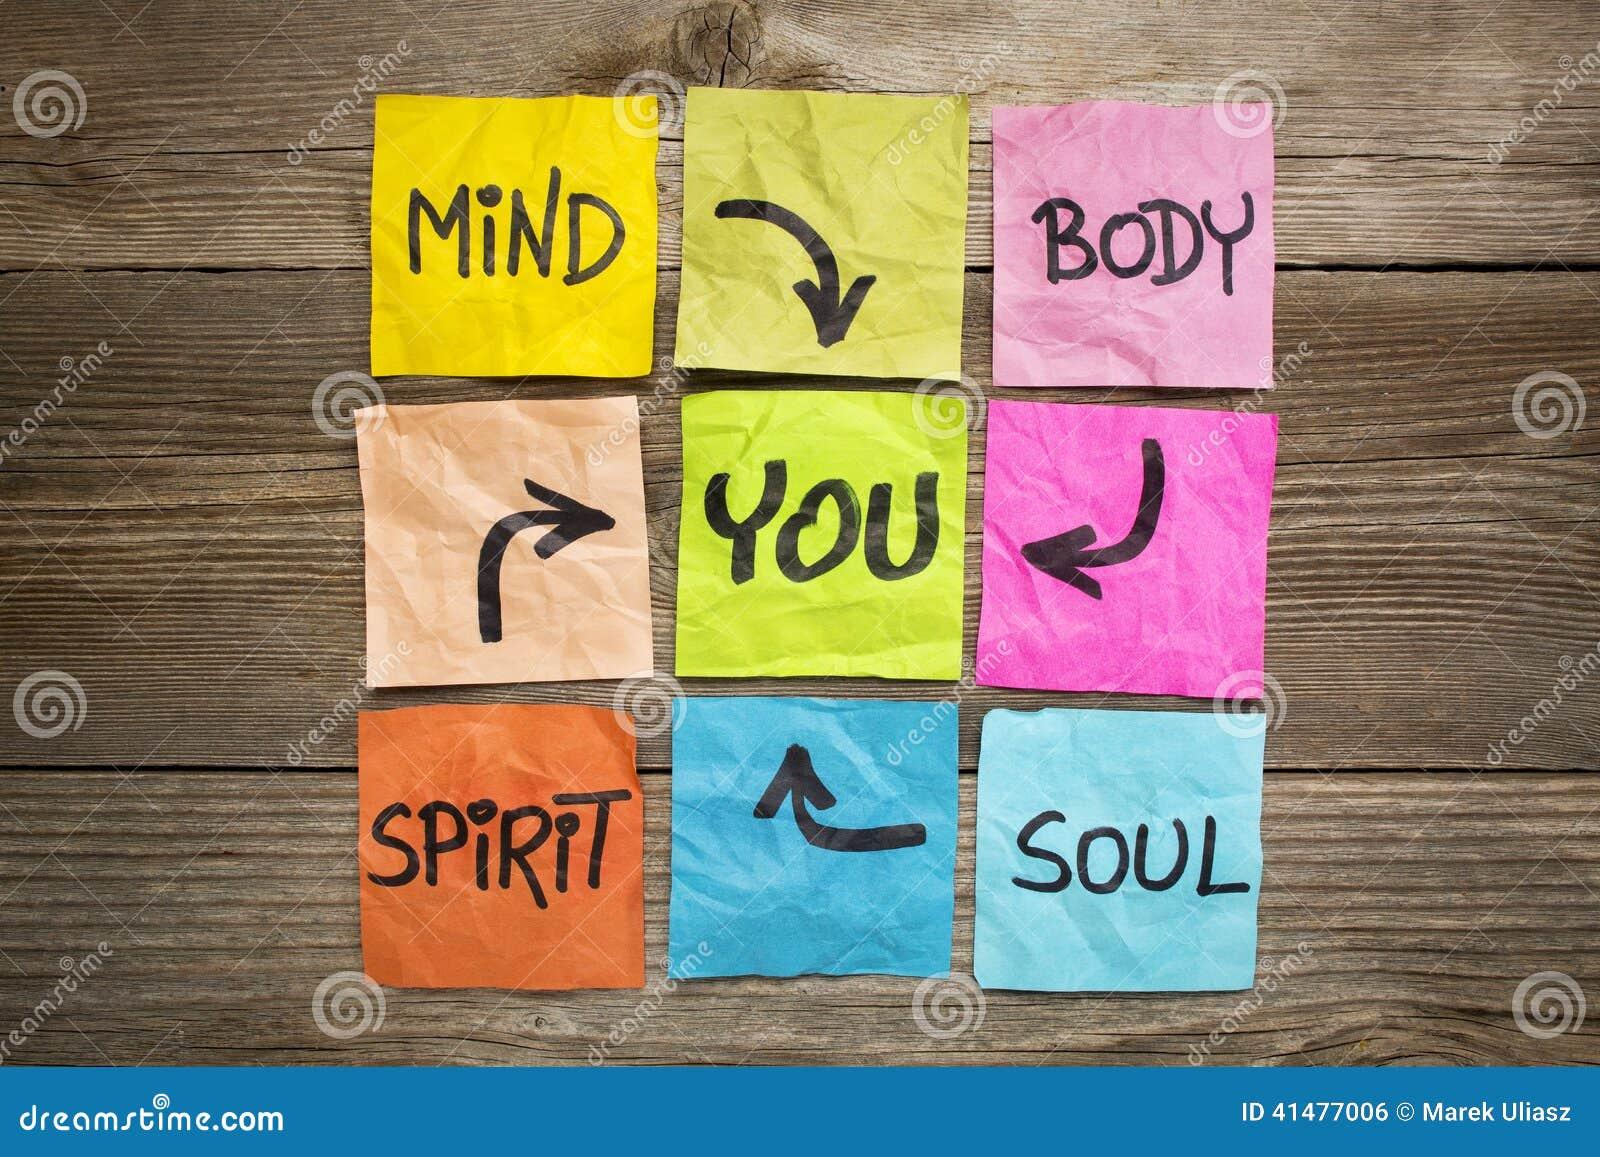 Verstand, Körper, Geist, Seele und Sie